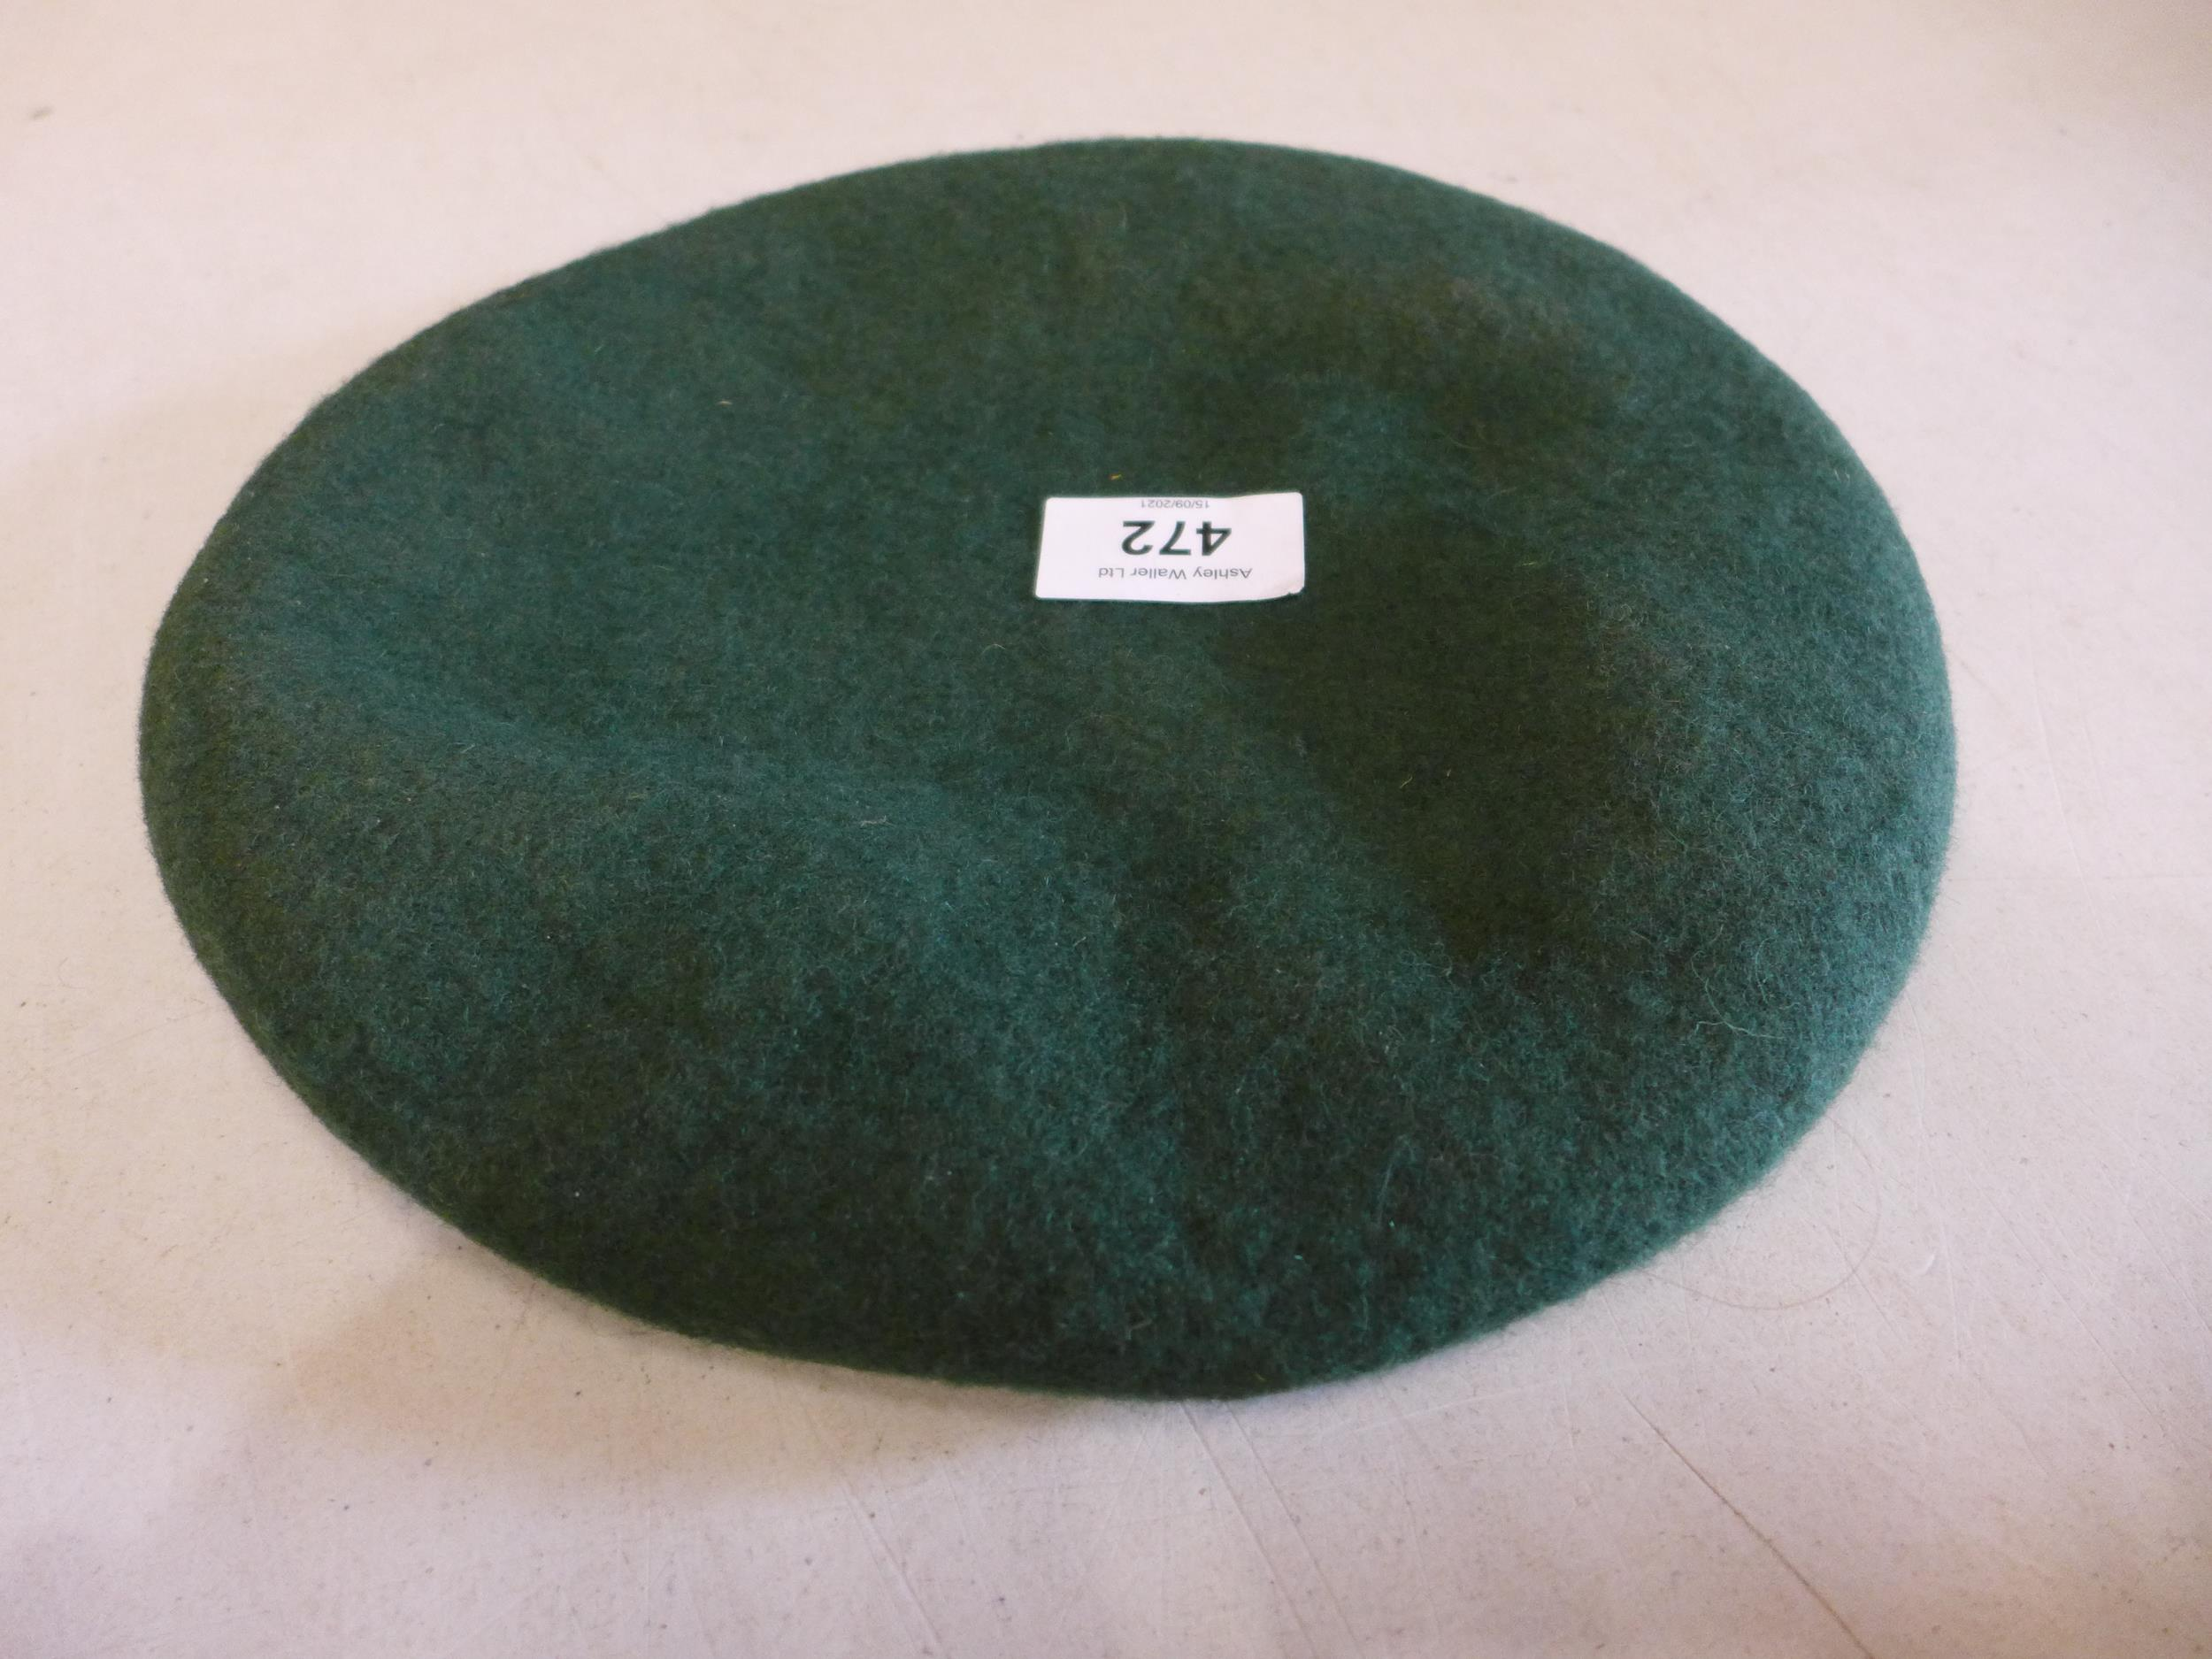 A ROYAL MARINES GREEN BERET, SIZE 49 - Image 4 of 4